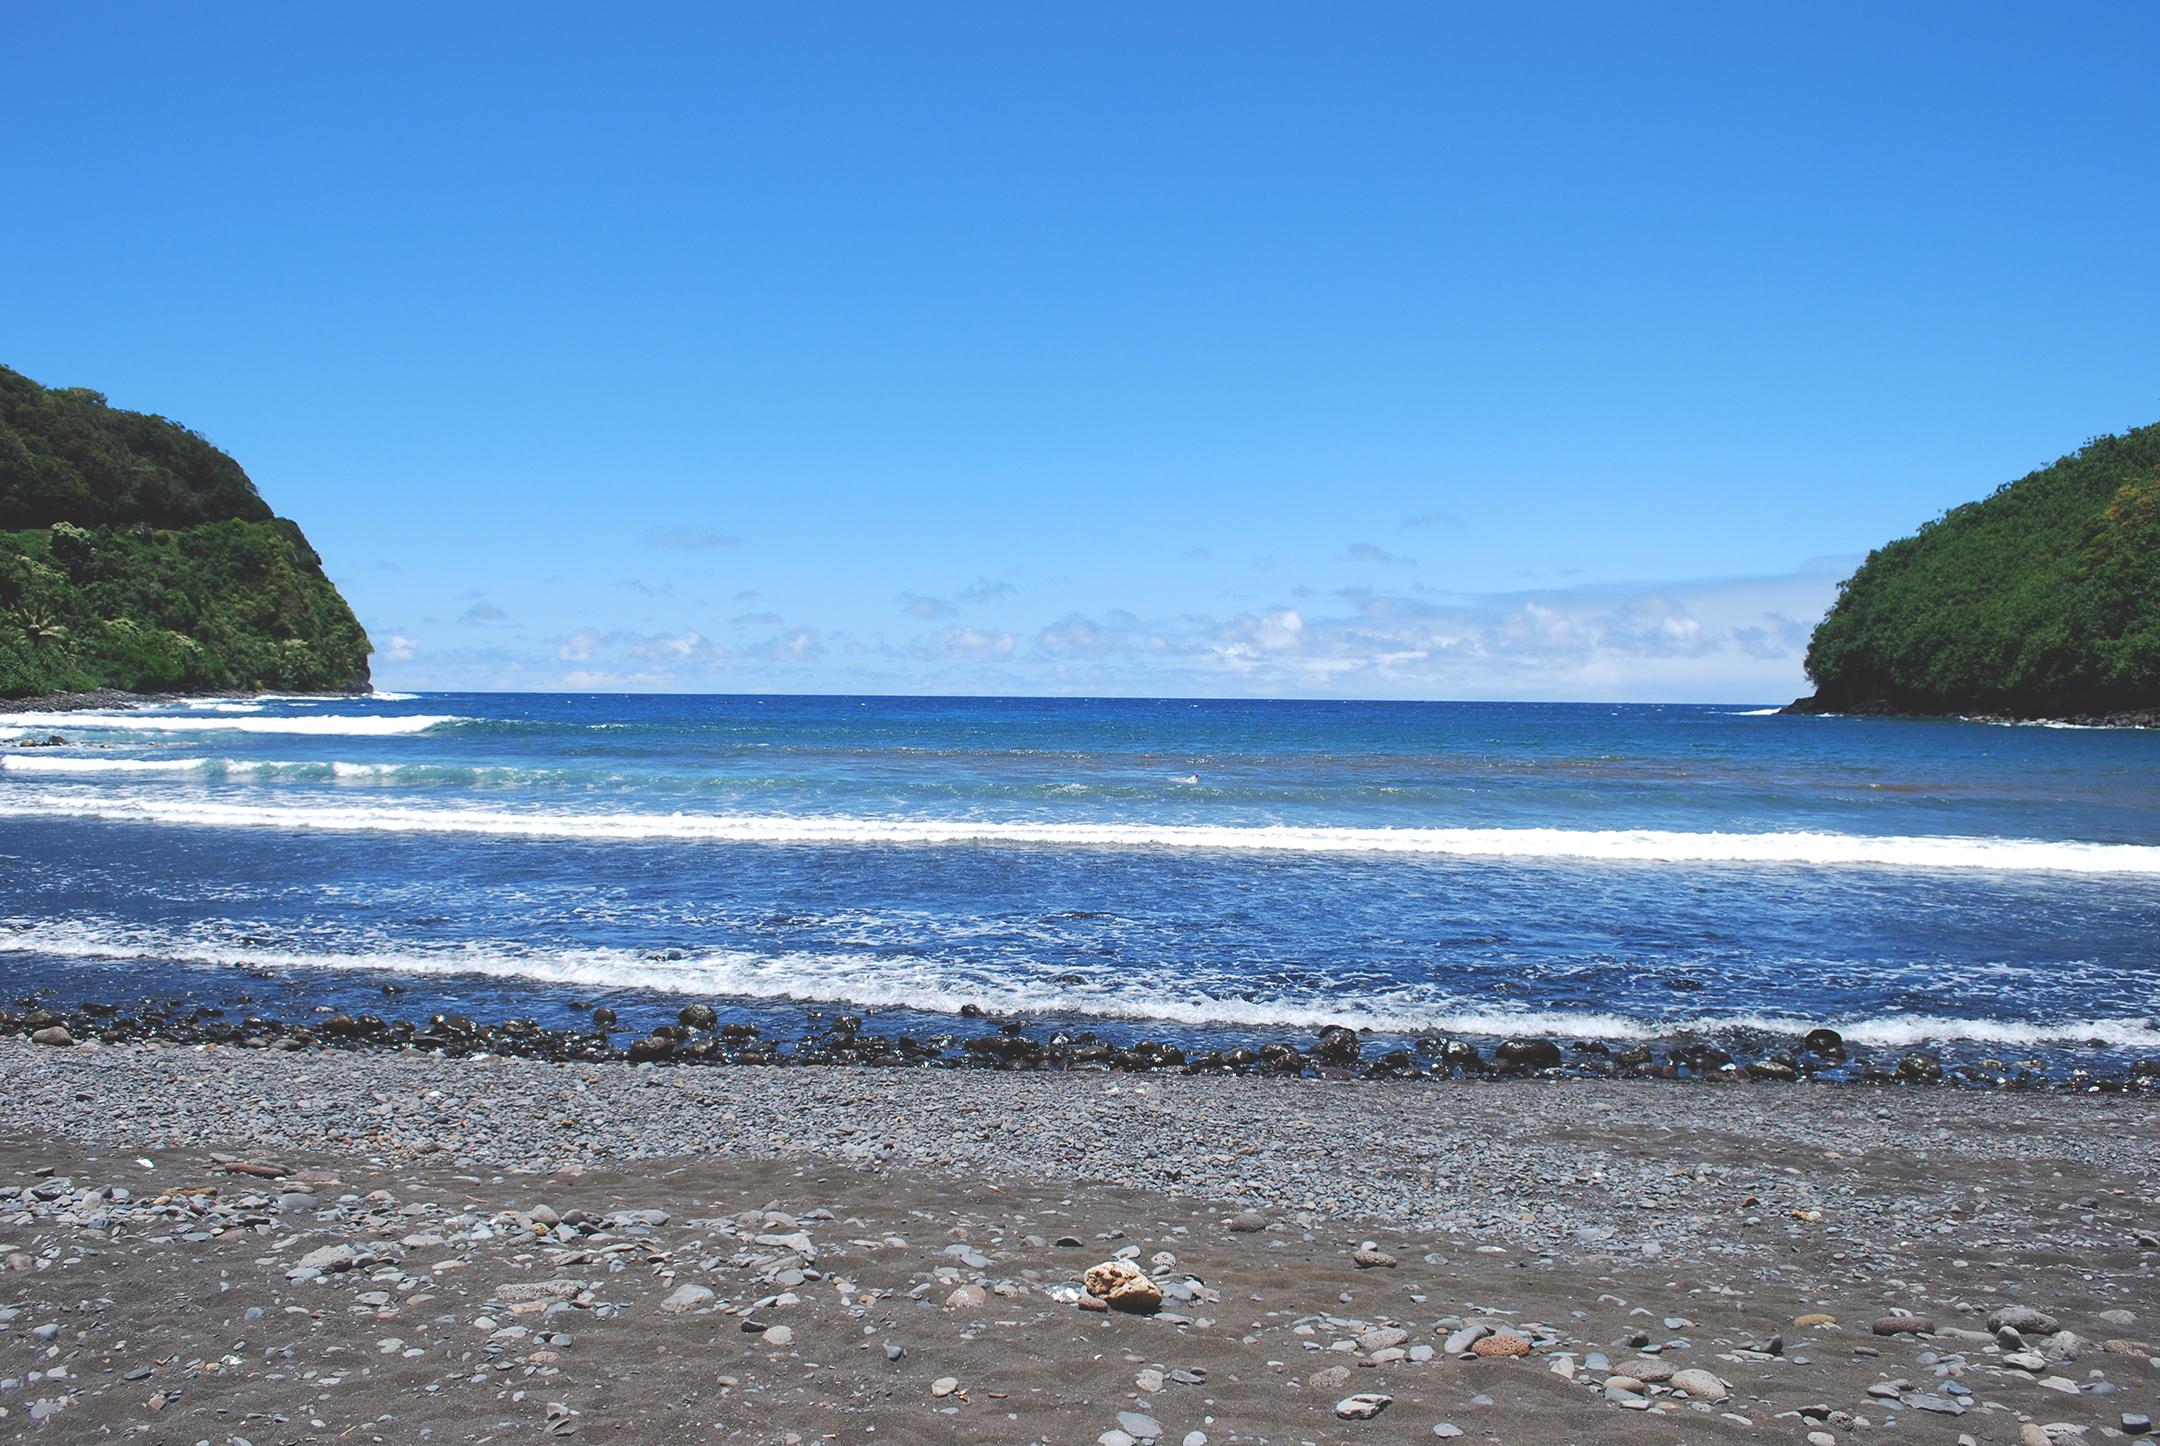 Maui, HI / USA